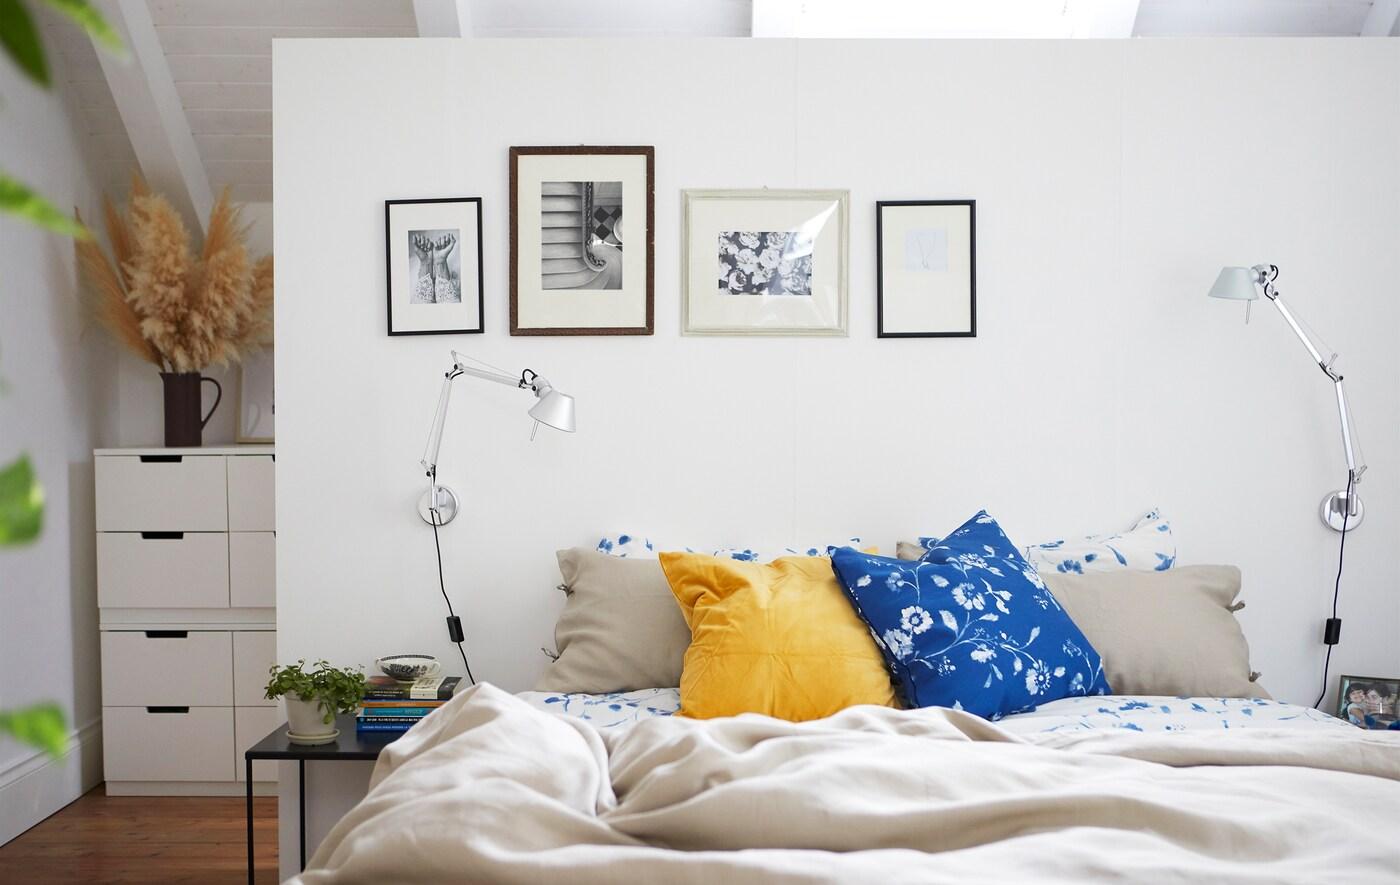 Une chambre à coucher blanche avec du linge de lit neutre au motif floral et des photos en noir et blanc sur le mur.